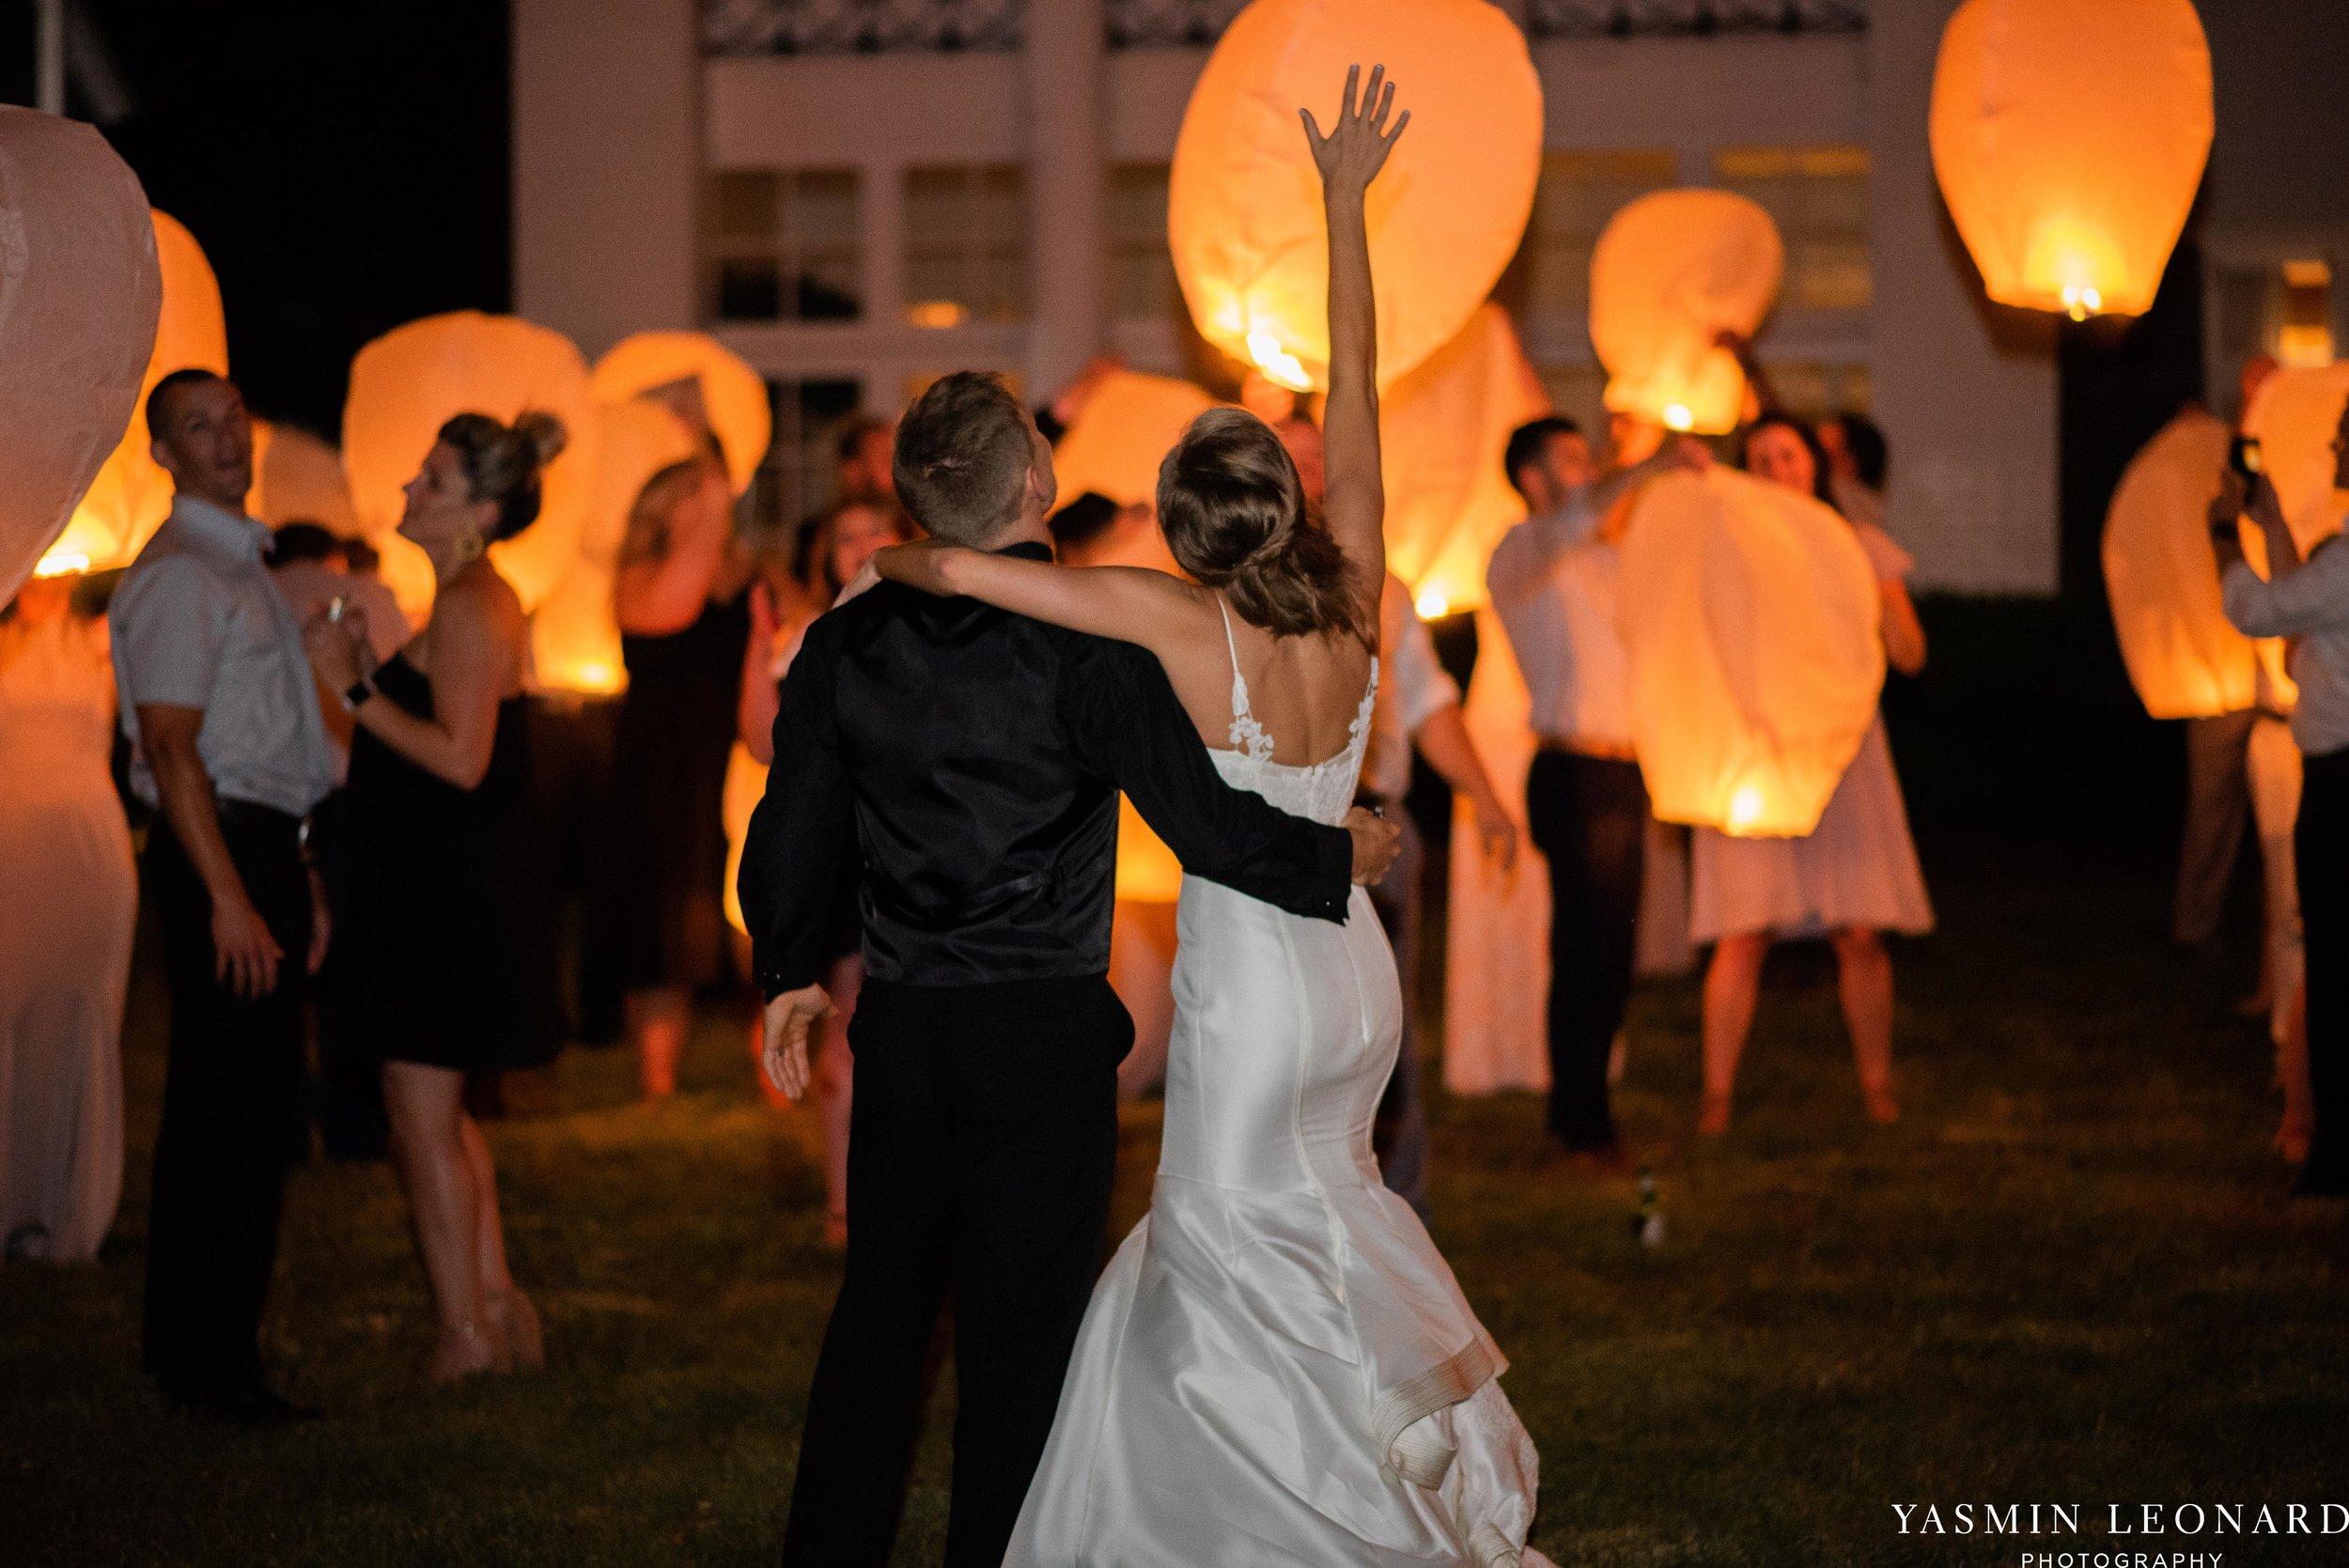 Boxwood Estate - Boxwood Estate Wedding - Luxury Wedding - Black and White Wedding - NC Wedding Venues - NC Weddings - NC Photographer - Lantern Release Grand Exit - Large Wedding Party - Yasmin Leonard Photography-93.jpg